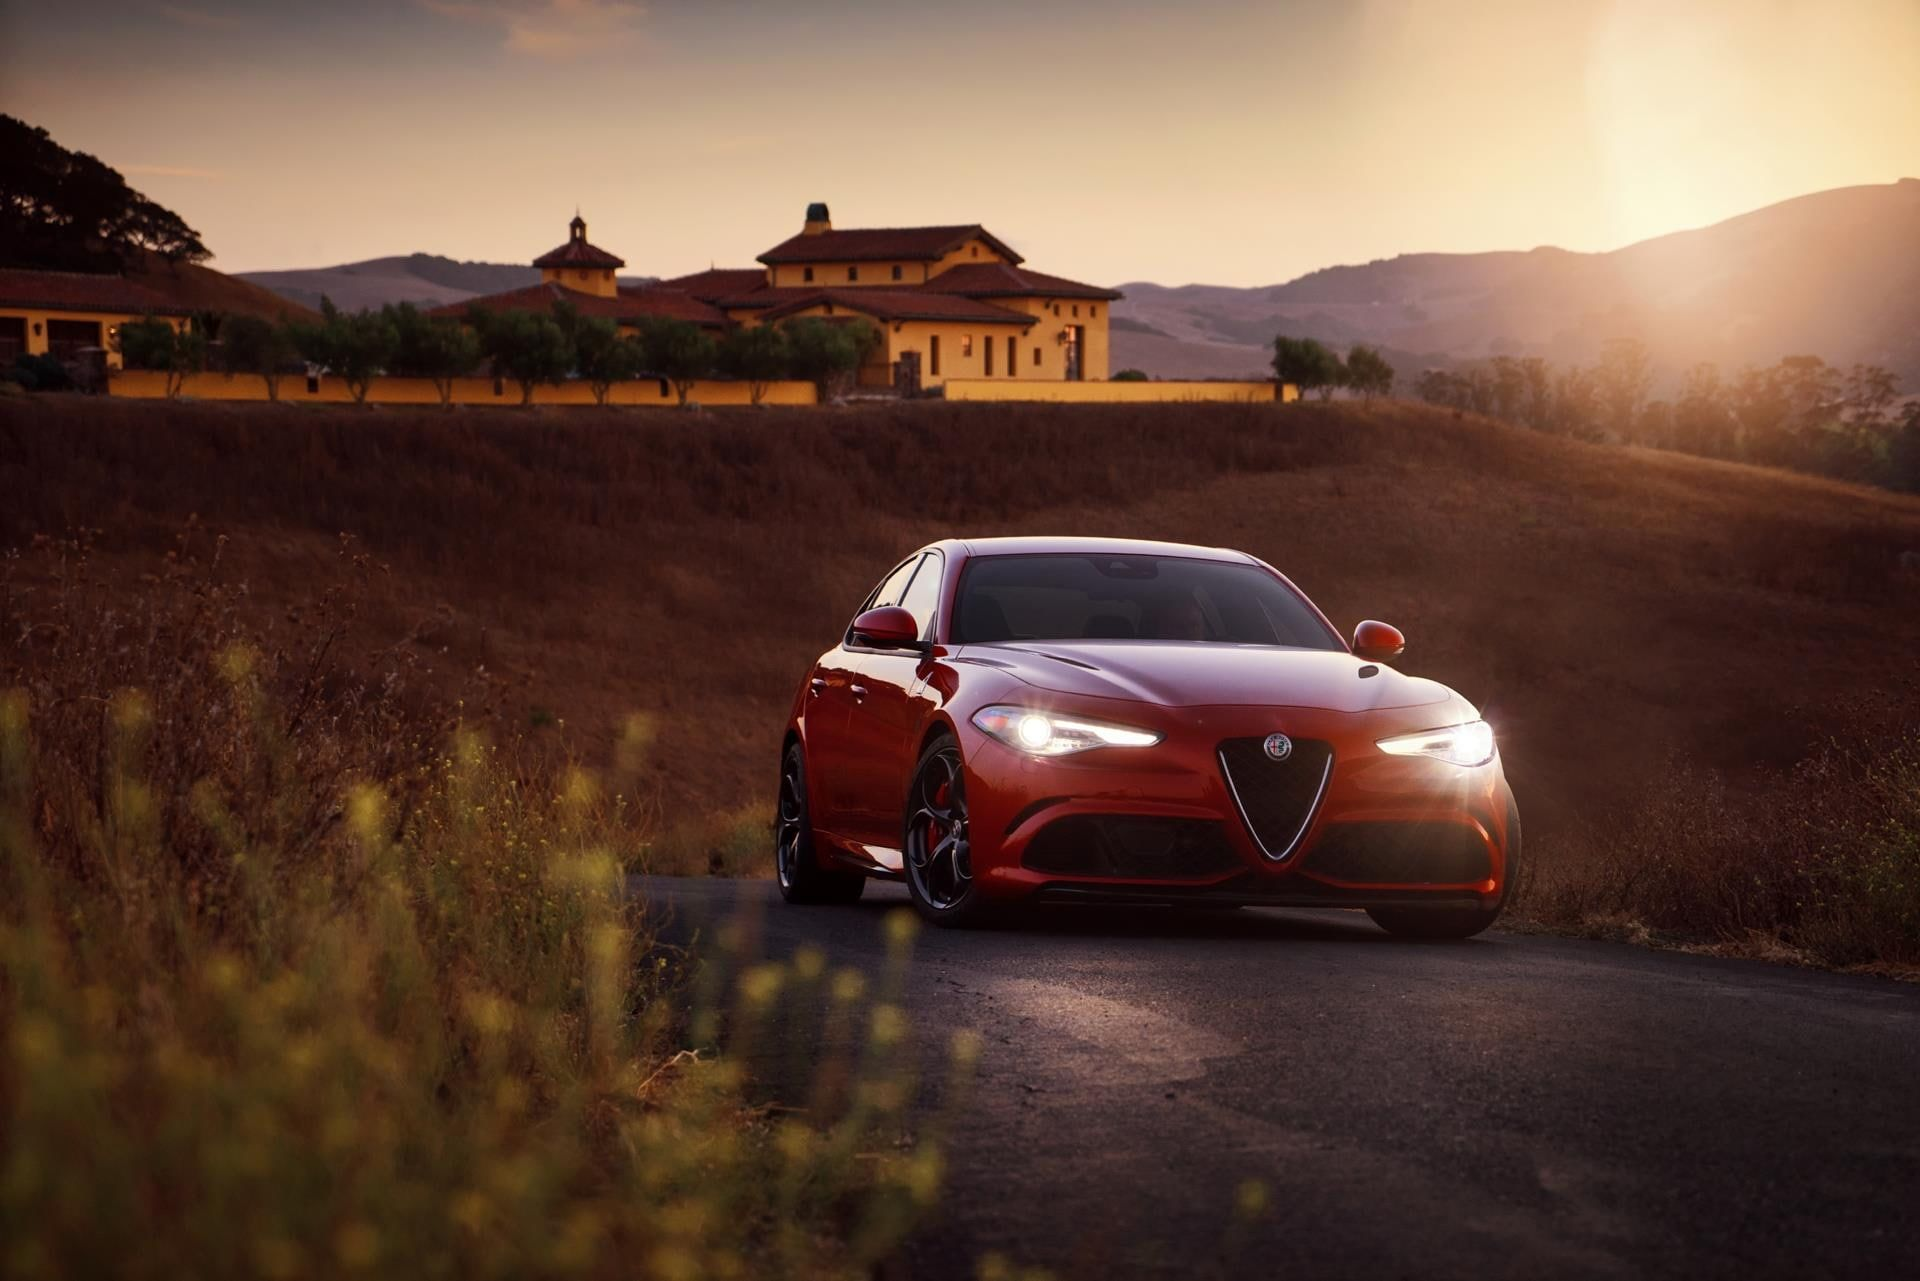 Alfa Romeo Giulia Quadrifoglio 2017 Car 1080p Wallpaper Hdwallpaper Desktop Alfa Romeo Giulia Quadrifoglio Alfa Romeo Giulia Giulia Quadrifoglio